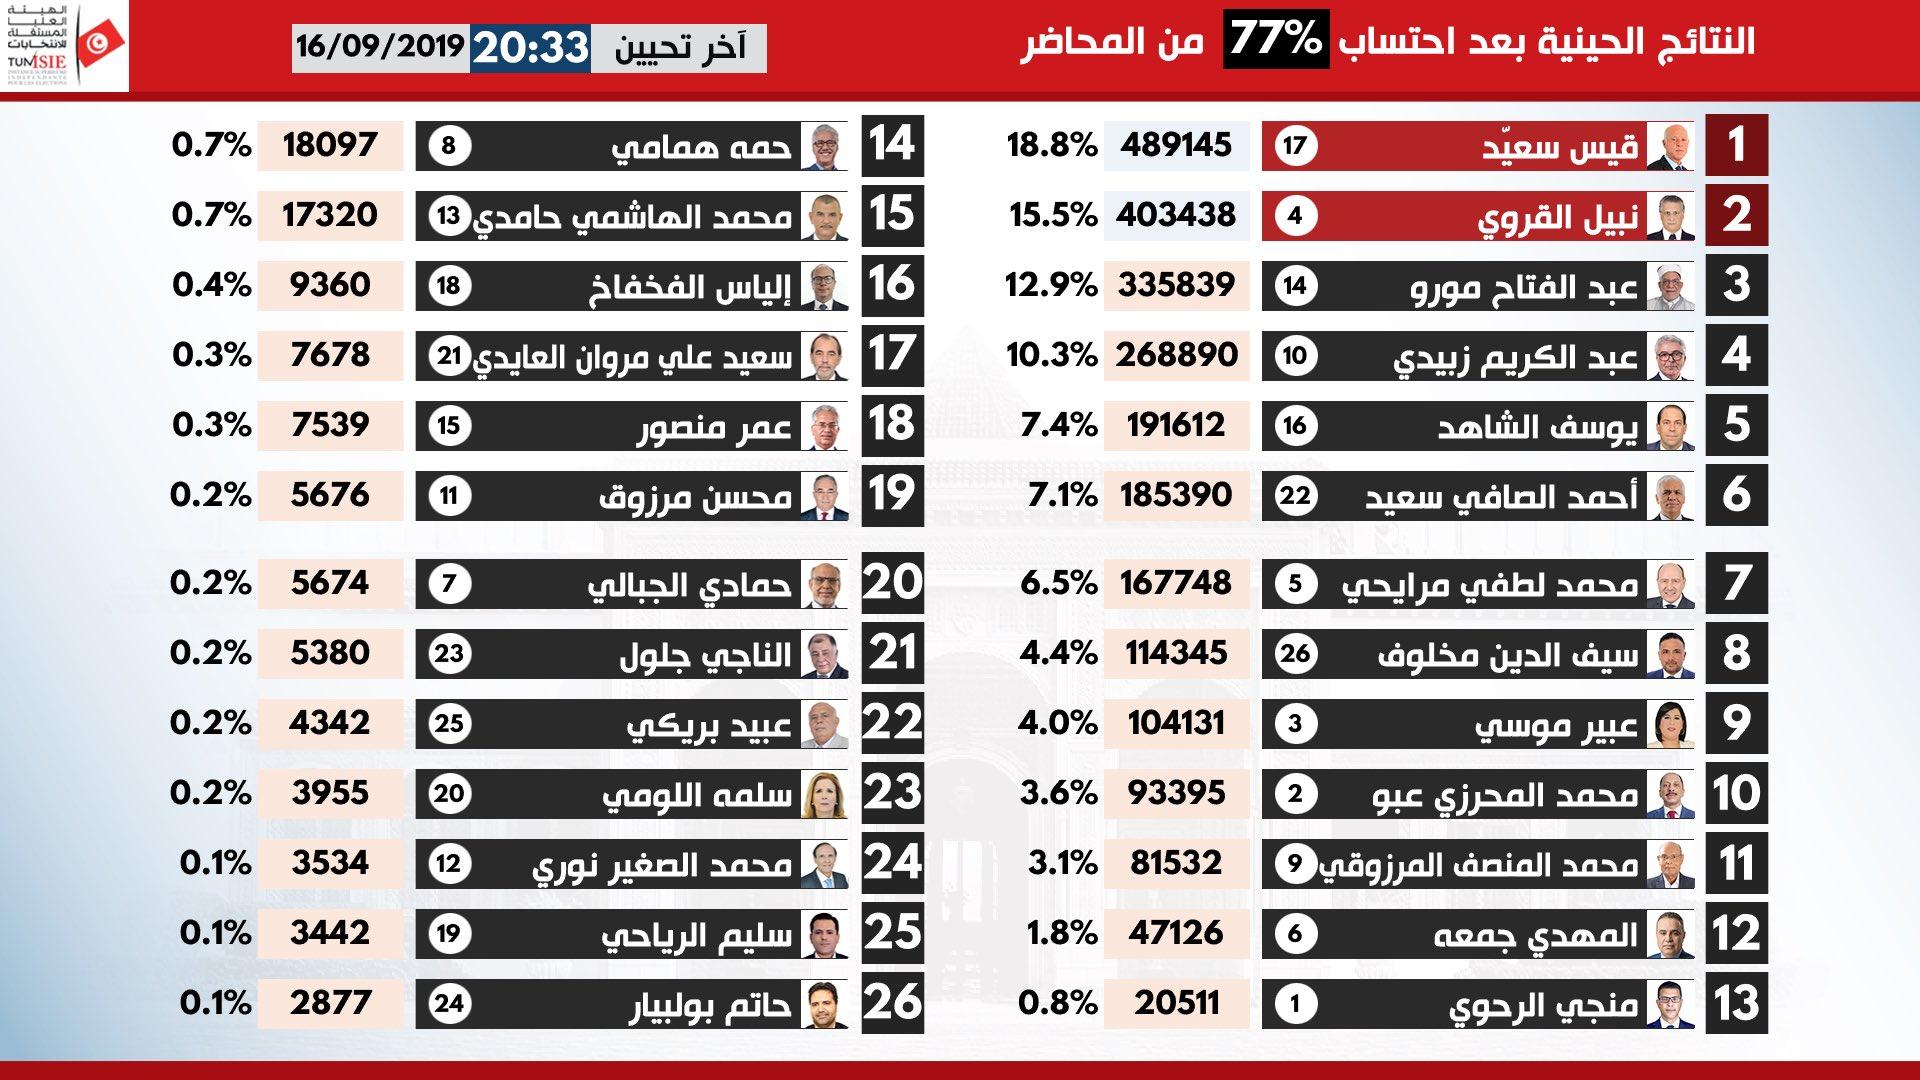 النتائج الأولية لانتخابات الرئاسة التونسية